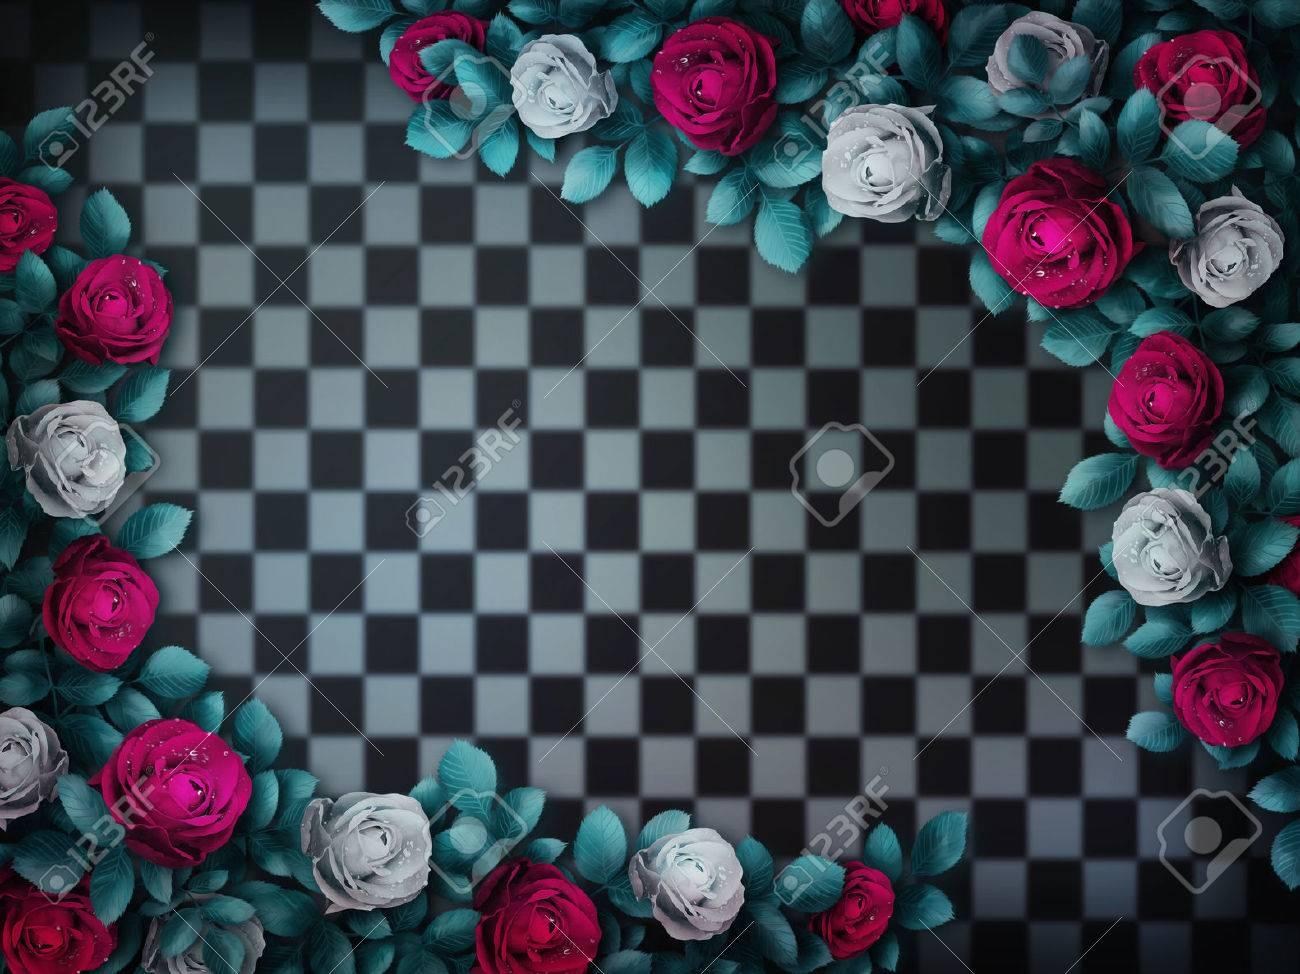 不思議の国のアリス 赤いバラと白いバラ チェスの背景に バラの花の